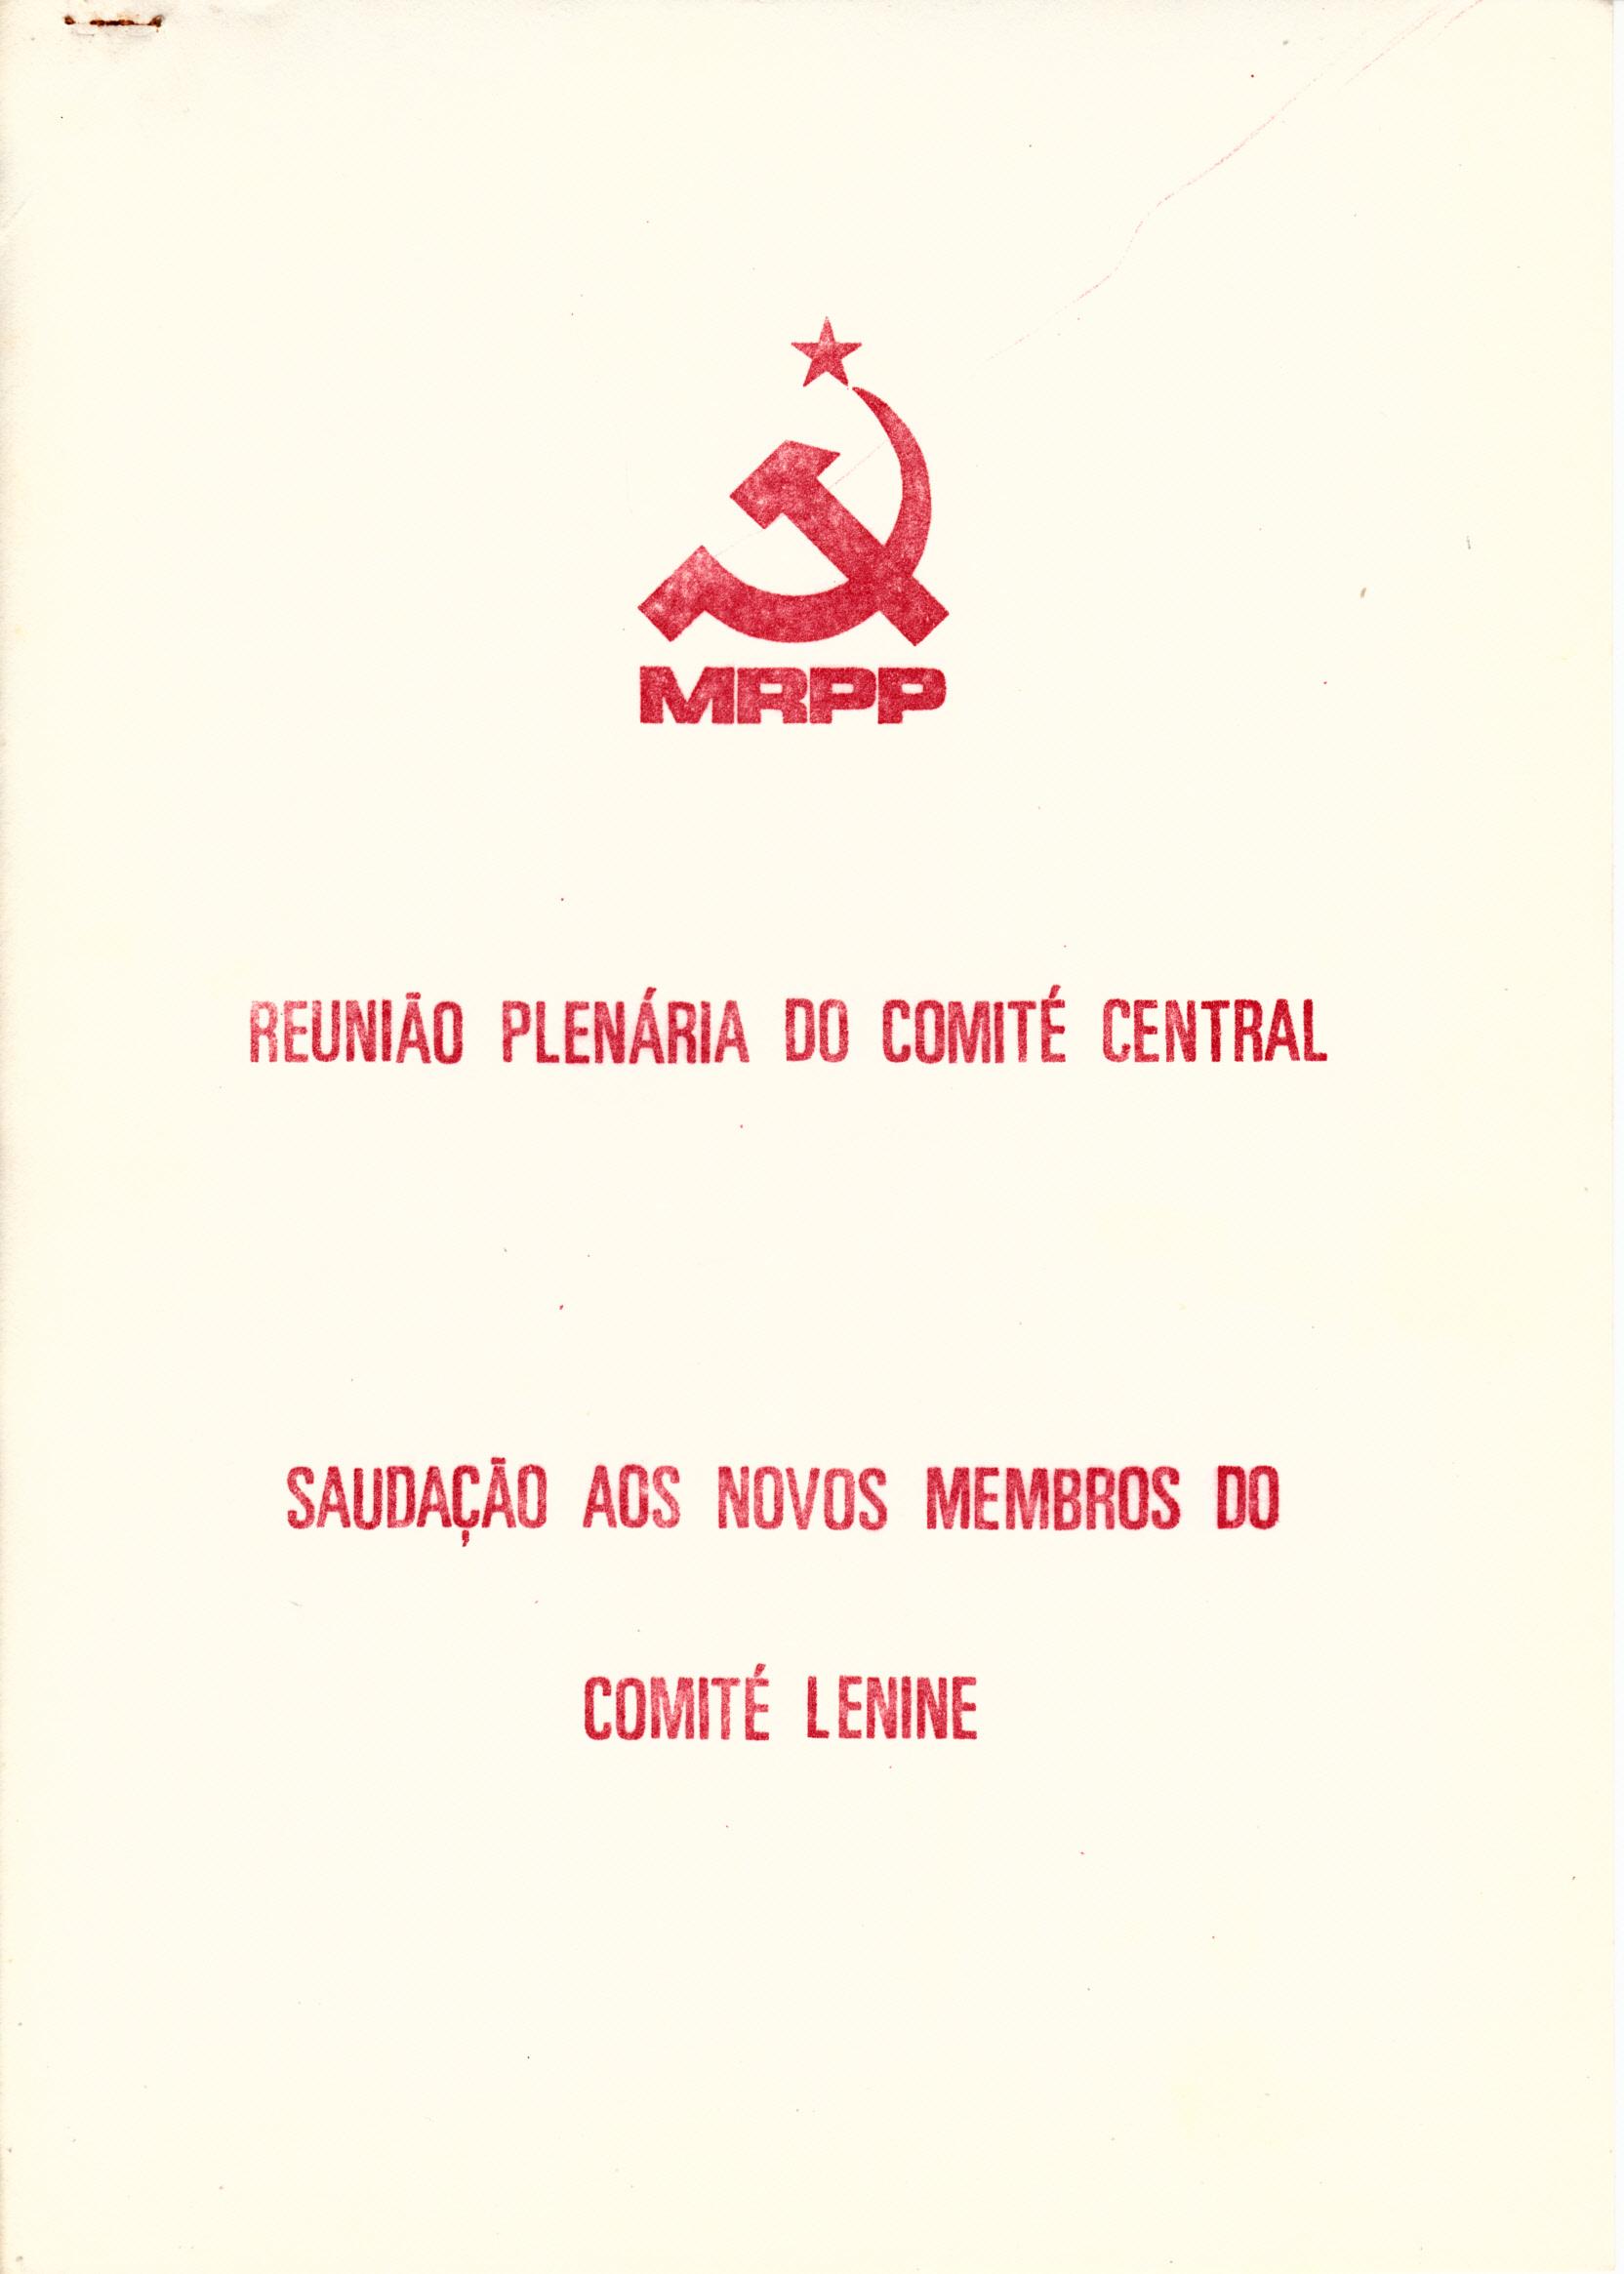 MRPP_1976_02_08